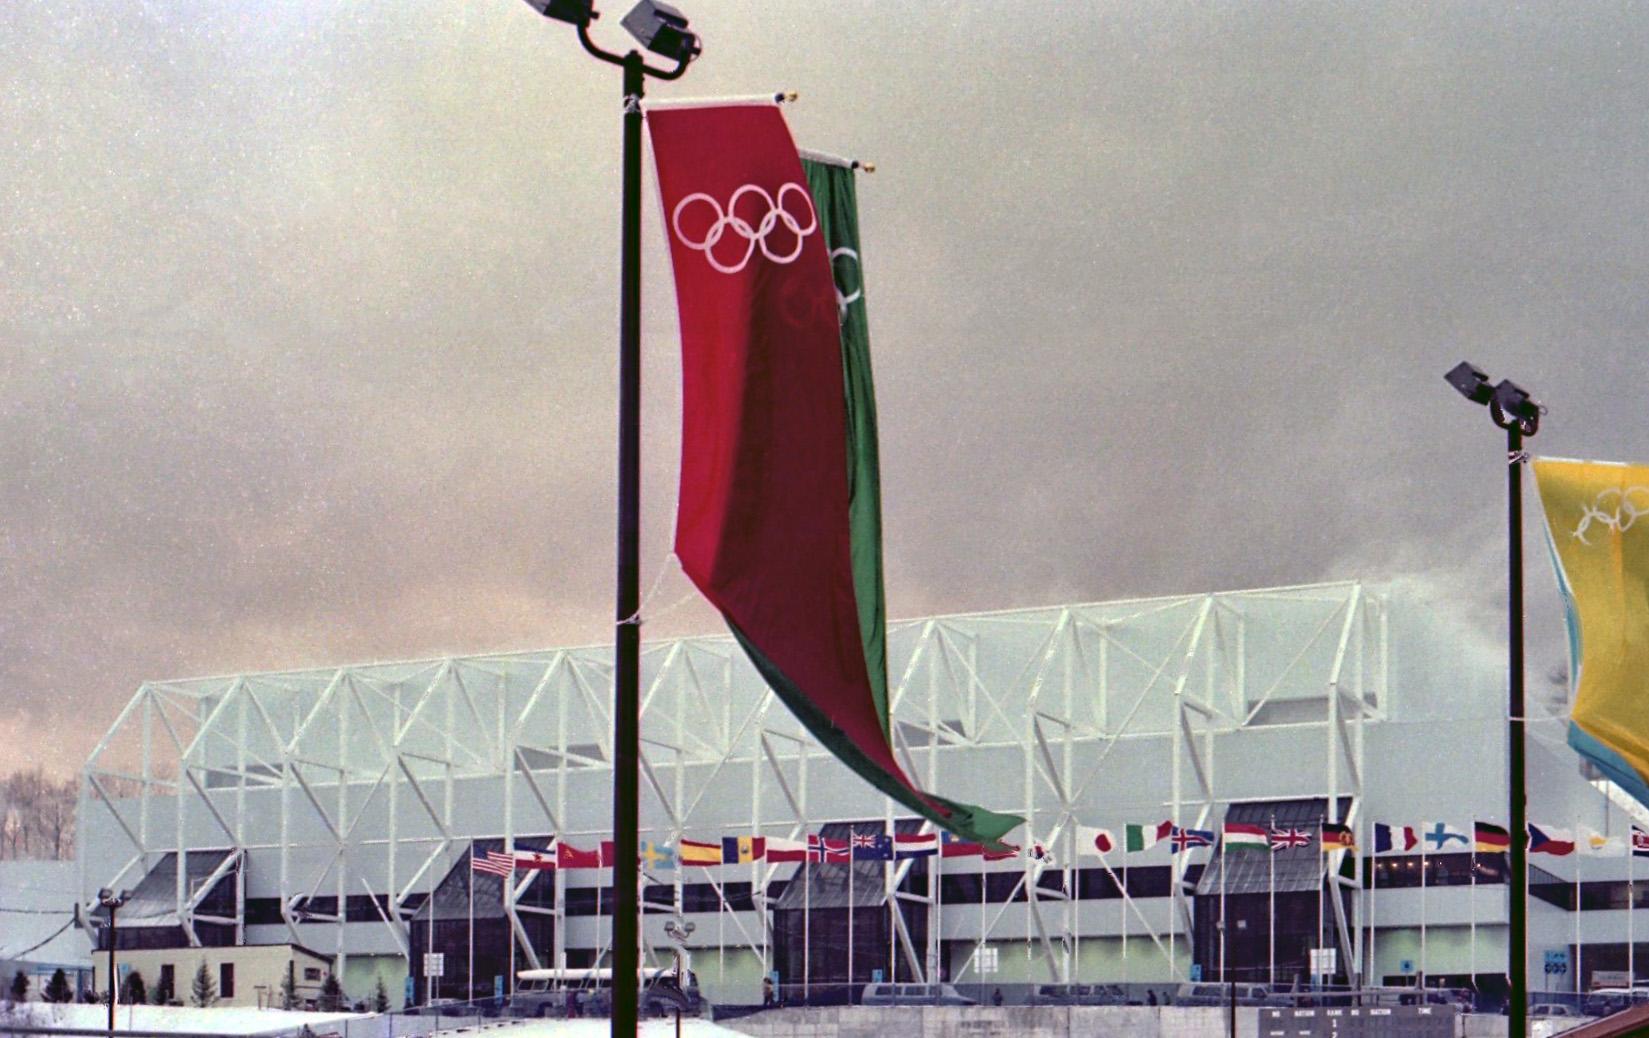 Ice_arena_1980.jpg